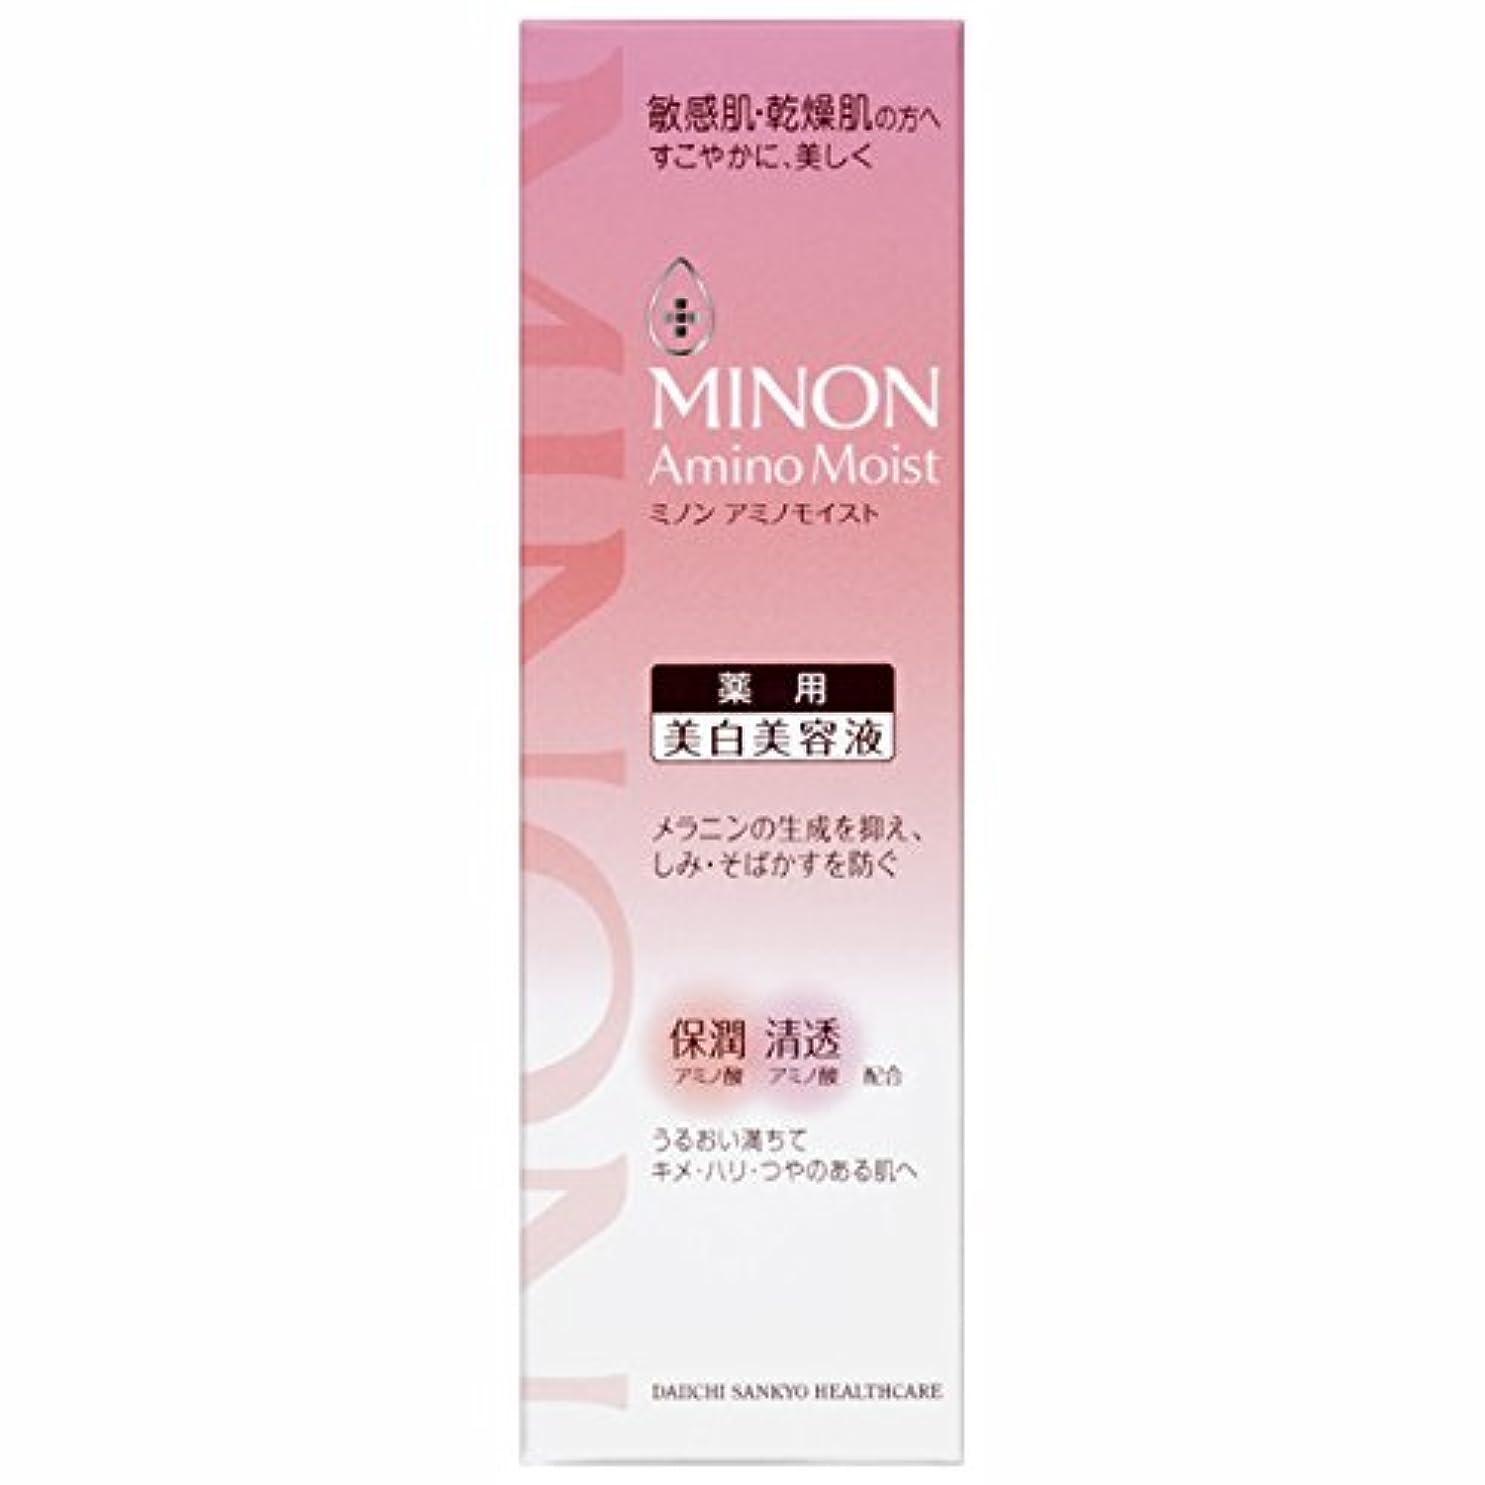 スチールコーヒー北へミノン アミノモイスト 薬用マイルド ホワイトニング 30g (医薬部外品)